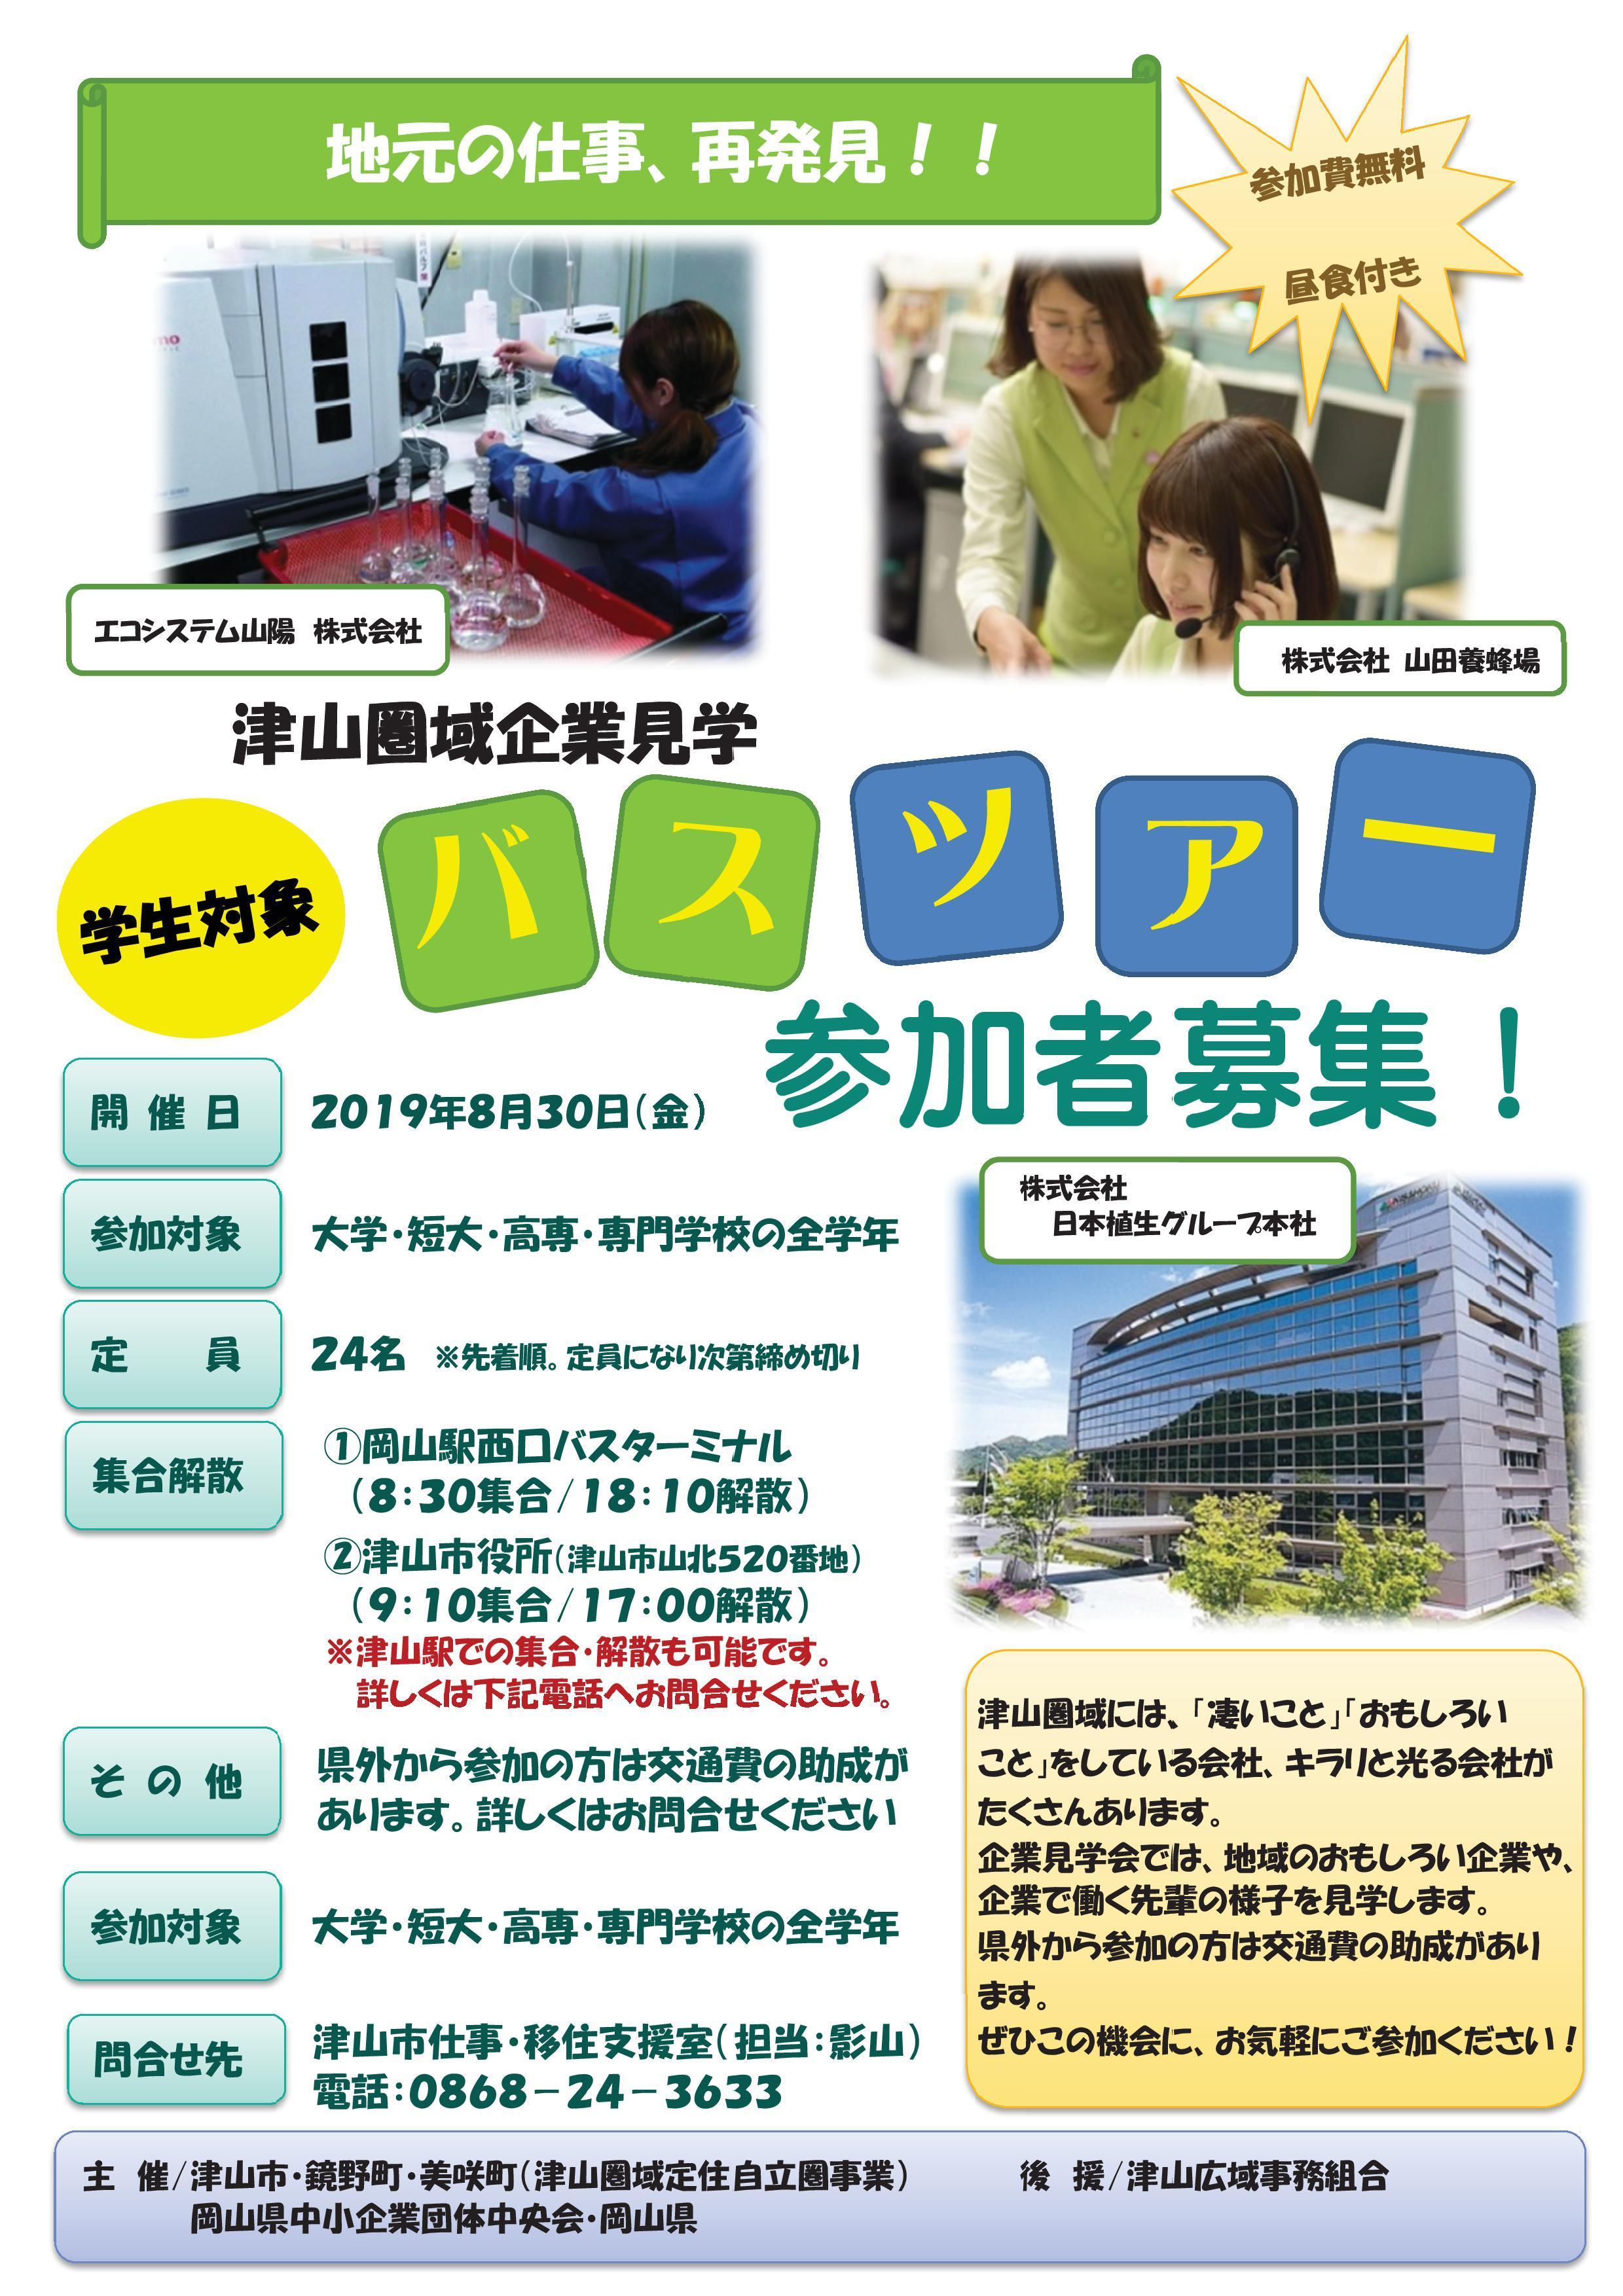 2019年8月30日(金)開催 大学生のための津山圏域企業見学バスツアー参加者募集のお知らせ